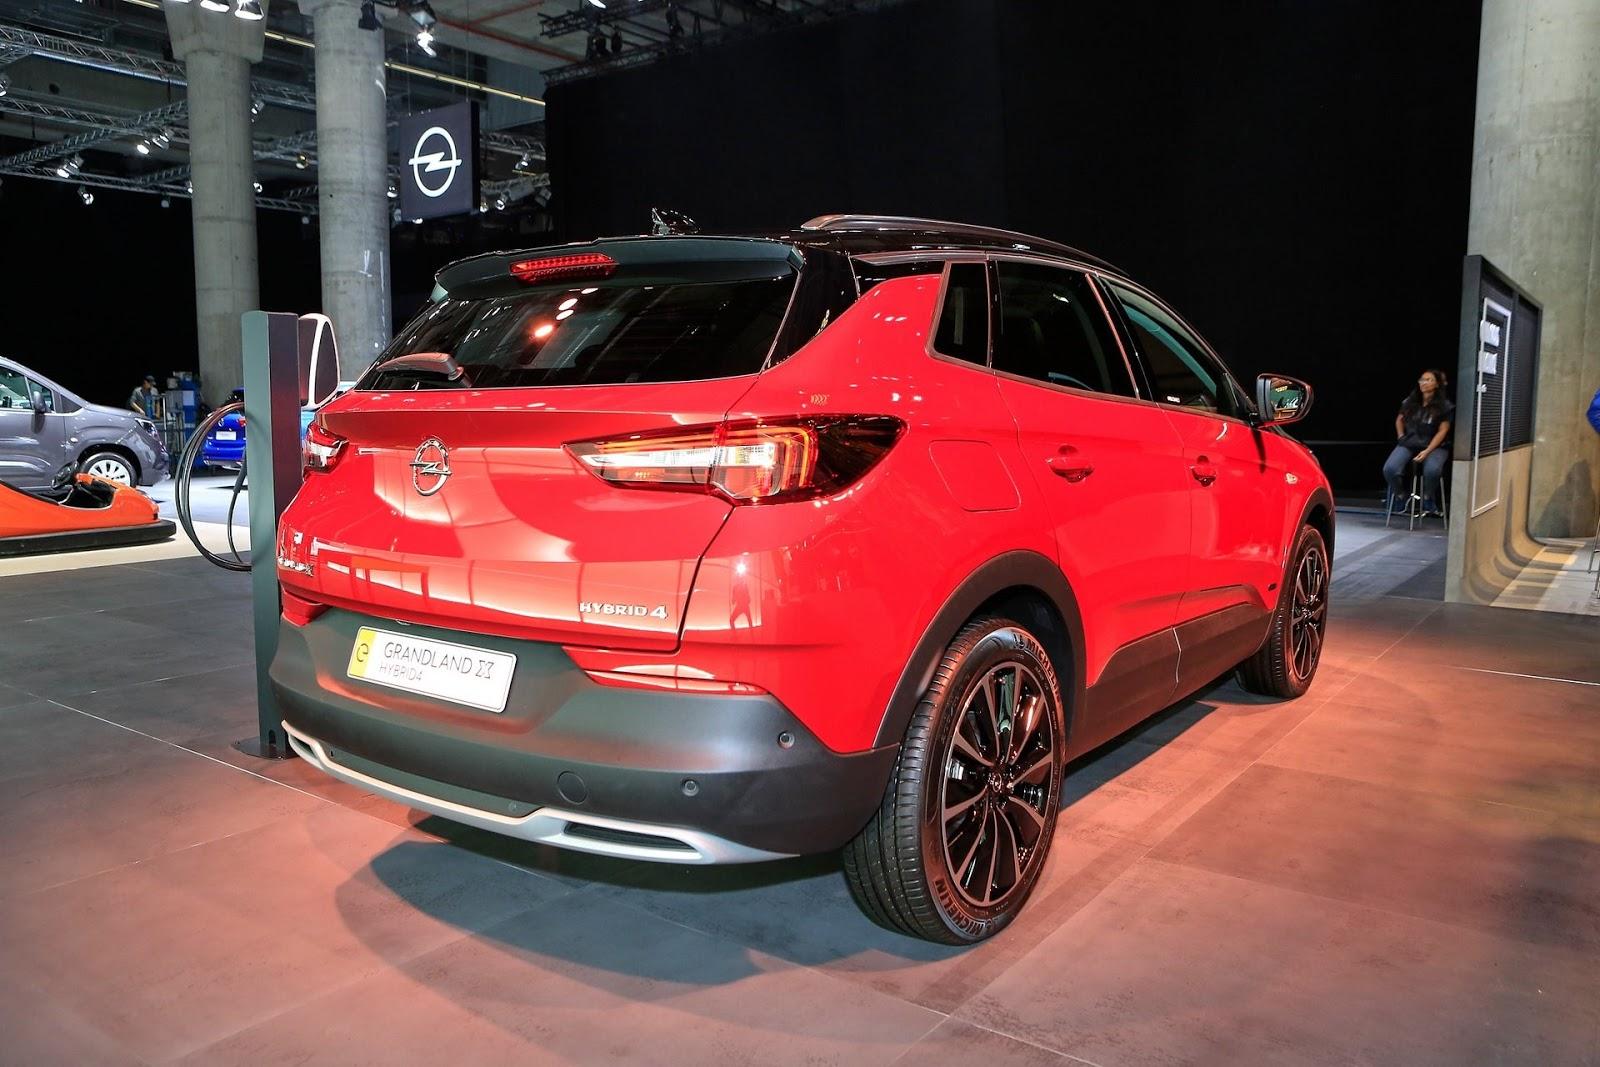 2019 Opel Grandland X Hybrid4 Release Date >> Opel Grandland X Hybrid 4 Hybrid 2019 12 22